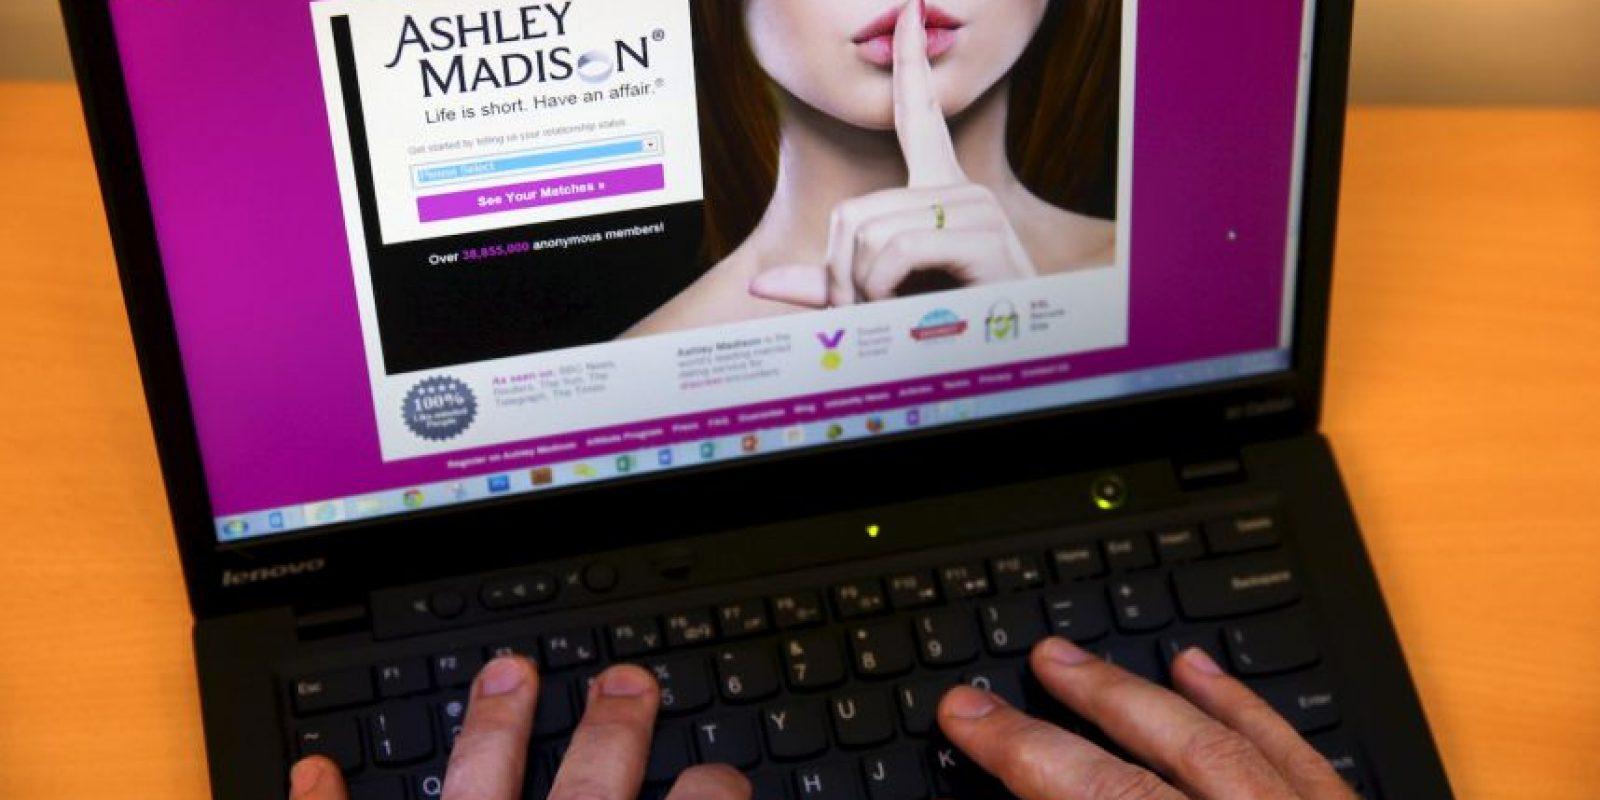 Por ello, exigían que todos los sitios web de la empresa fueran borrados Foto:Getty Images